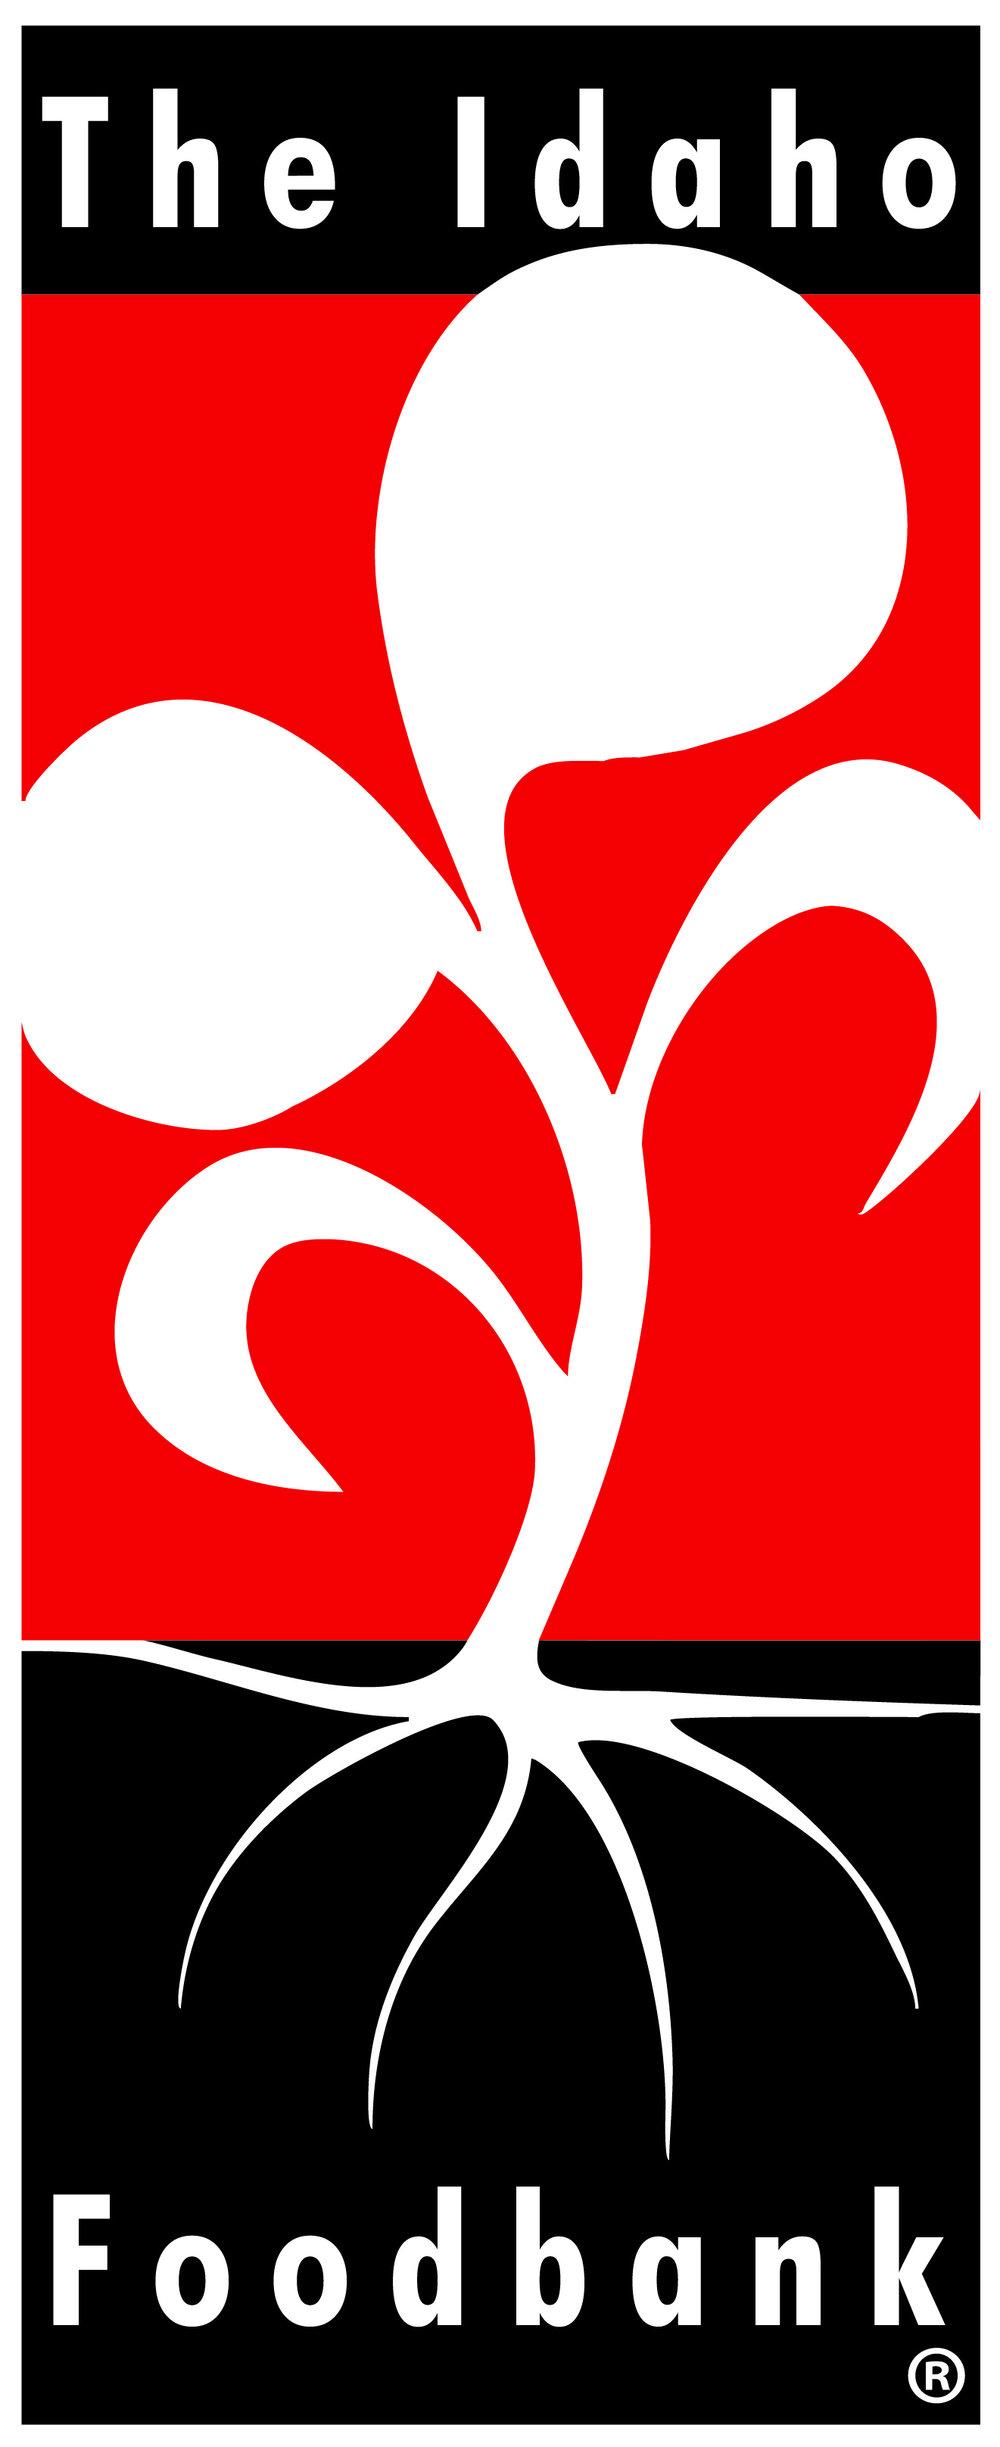 IFB_logo_PMS_1797-hi-res.jpg